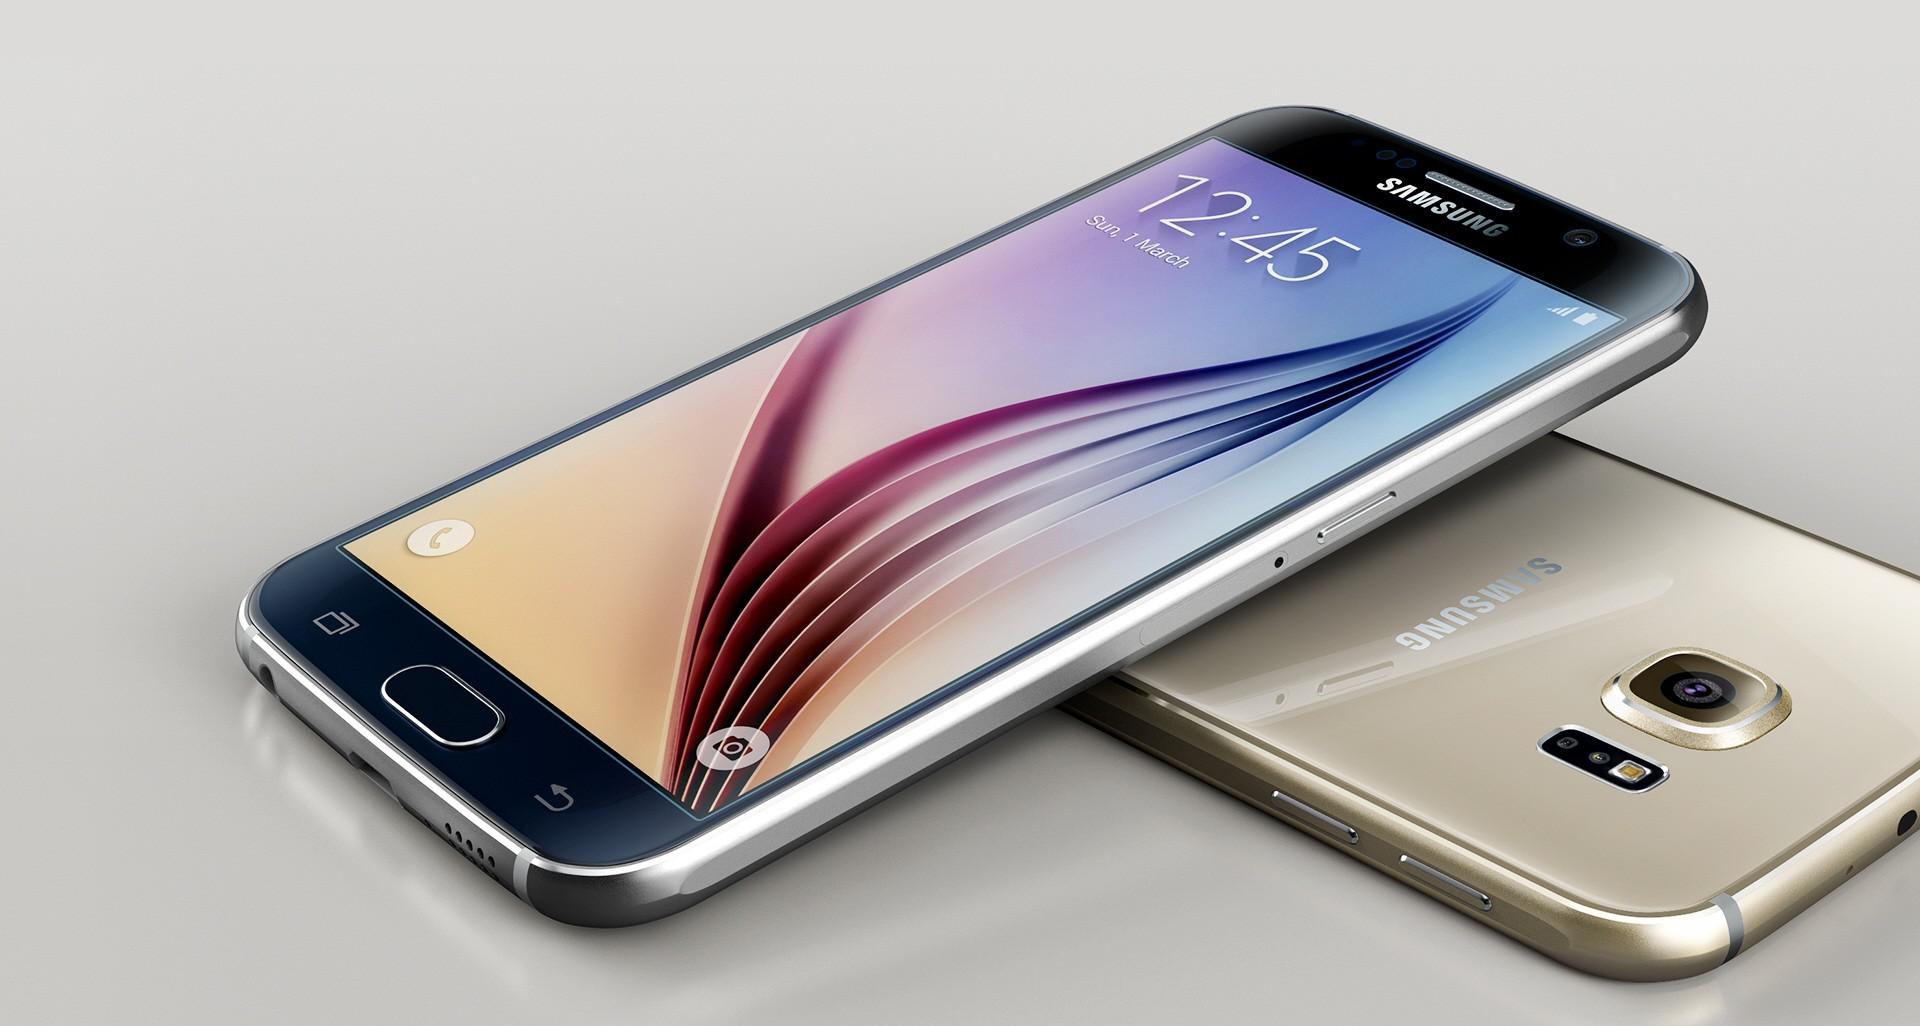 GALAXY S6 - Đặt cọc Galaxy S6, được tặng đến 11 triệu đồng tại FPT Shop